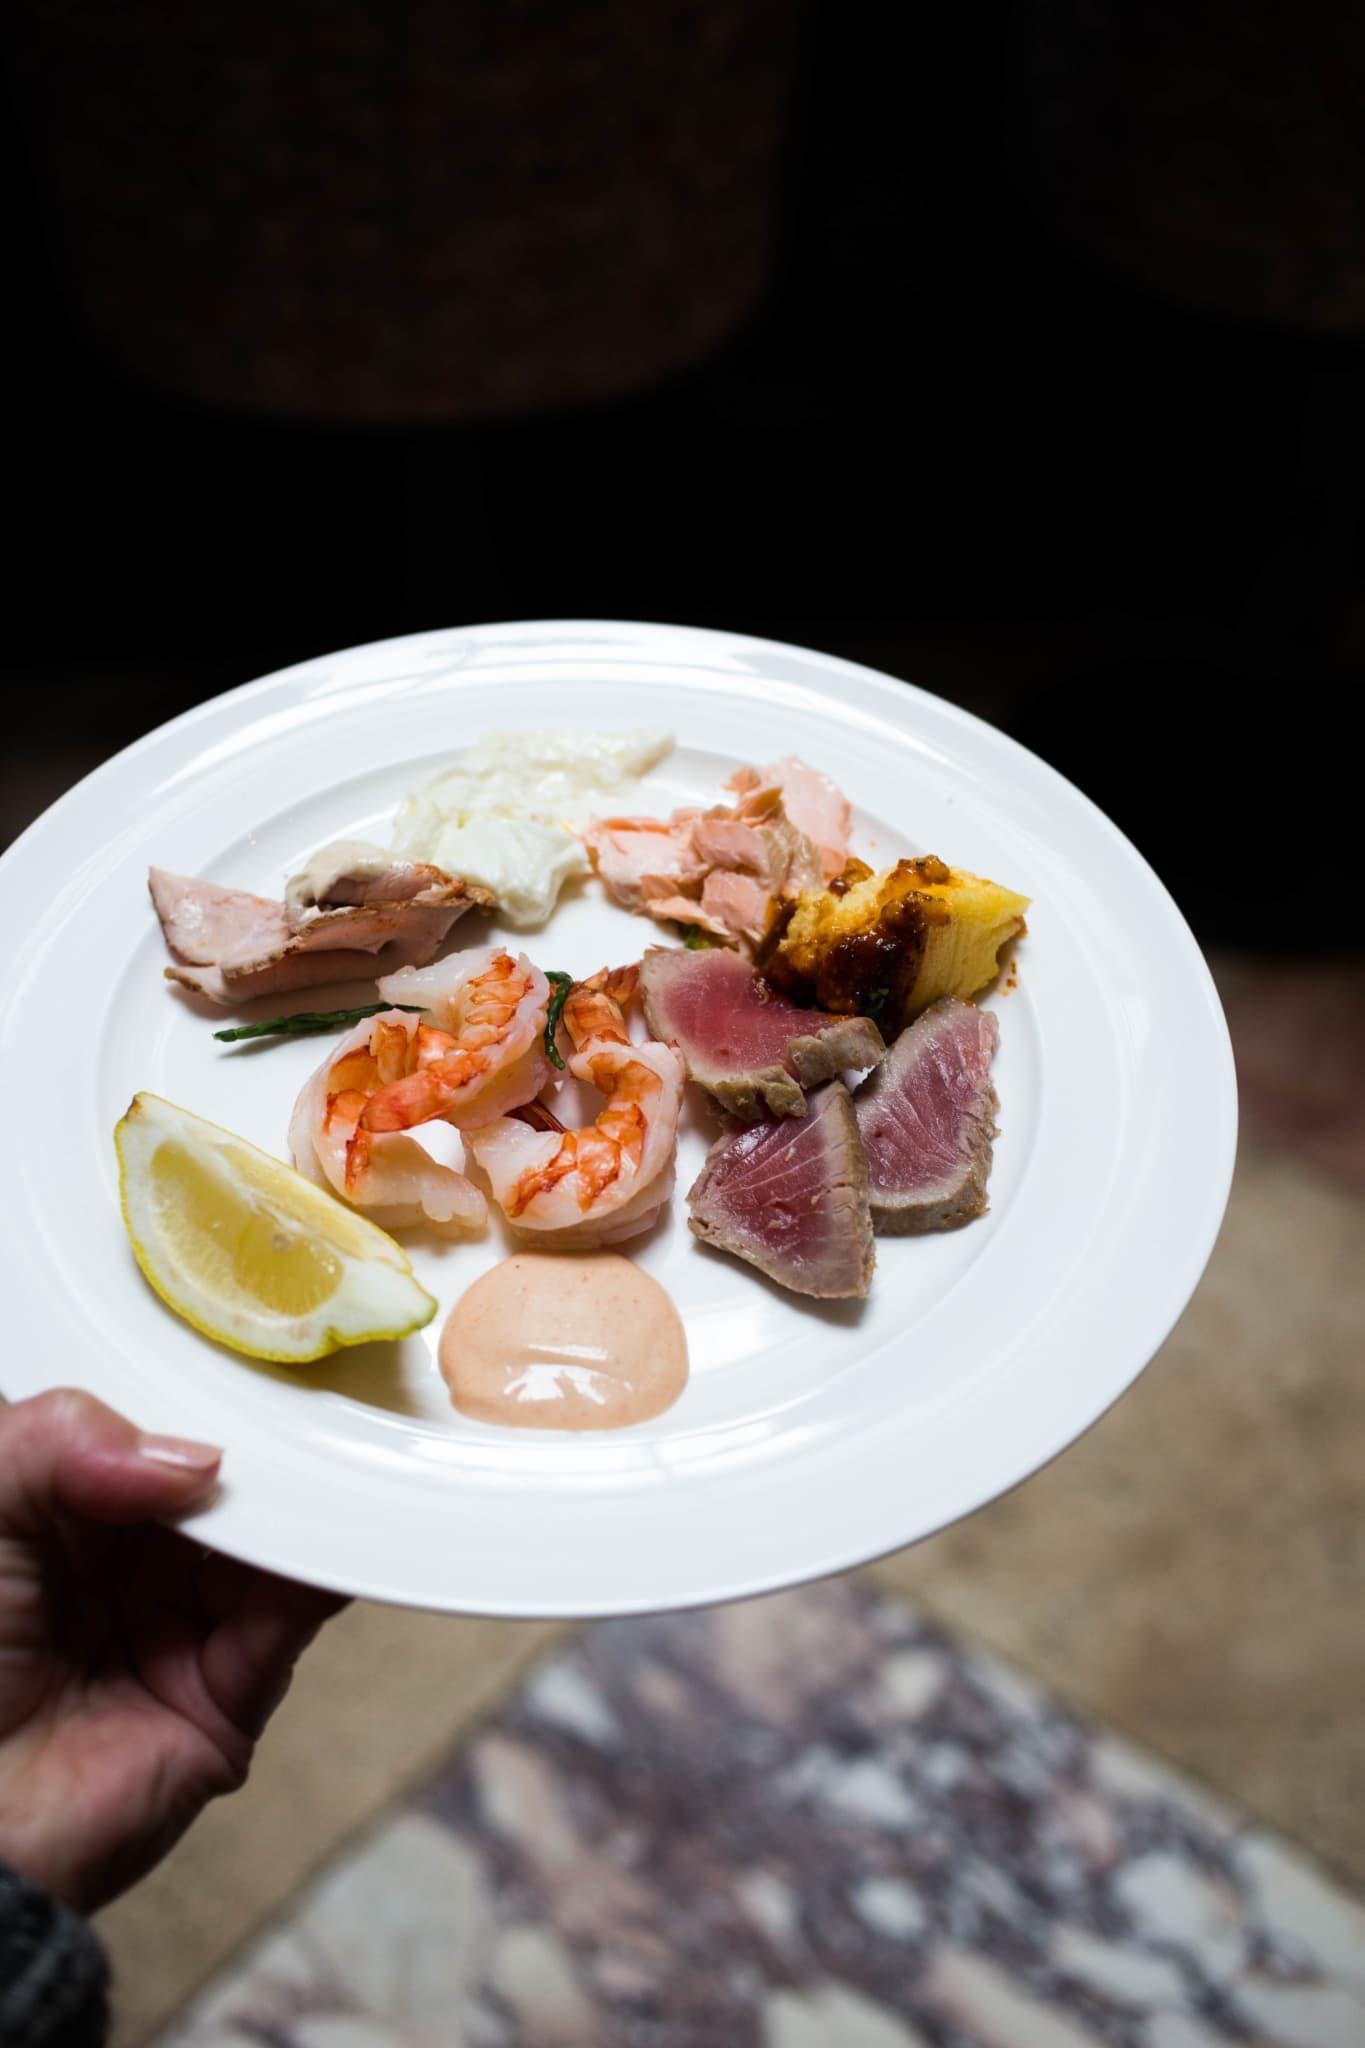 cecconis amsterdam 5 - Culinessa tips: Restaurant Cecconi's Amsterdam